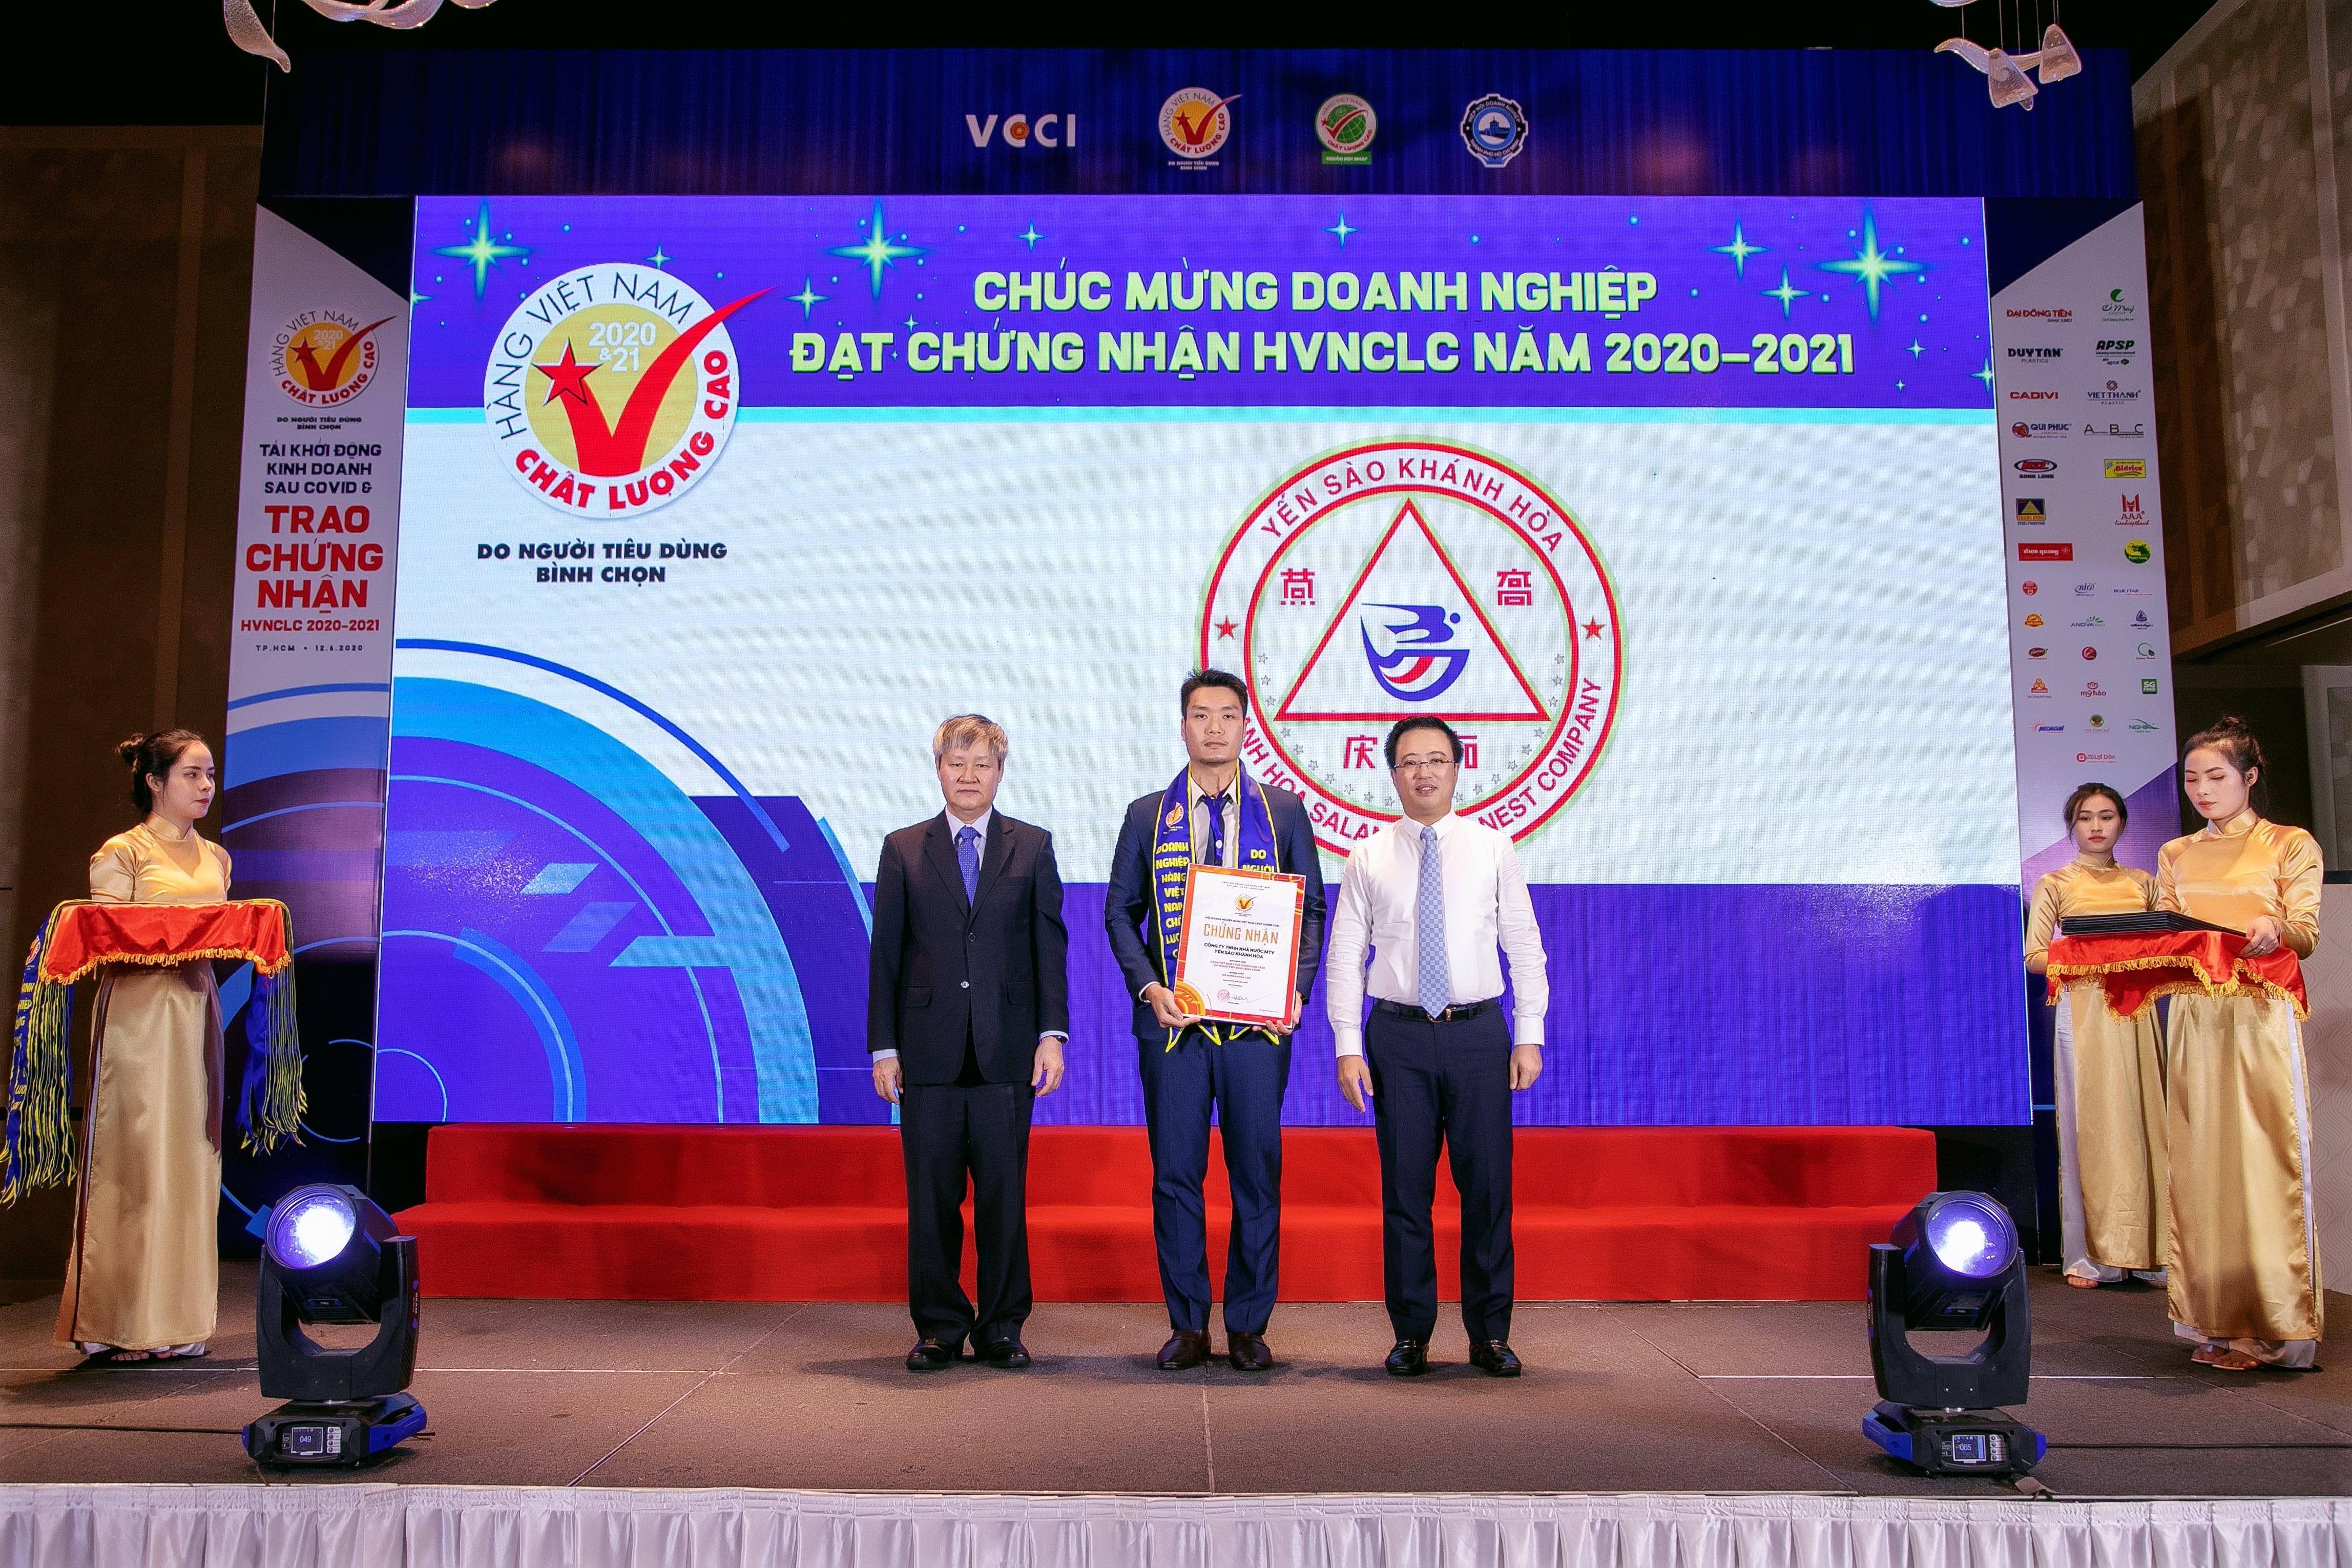 Yến sào Khánh Hòa lần thứ 12 Nhận Danh hiệu Hàng Việt Nam chất lượng cao